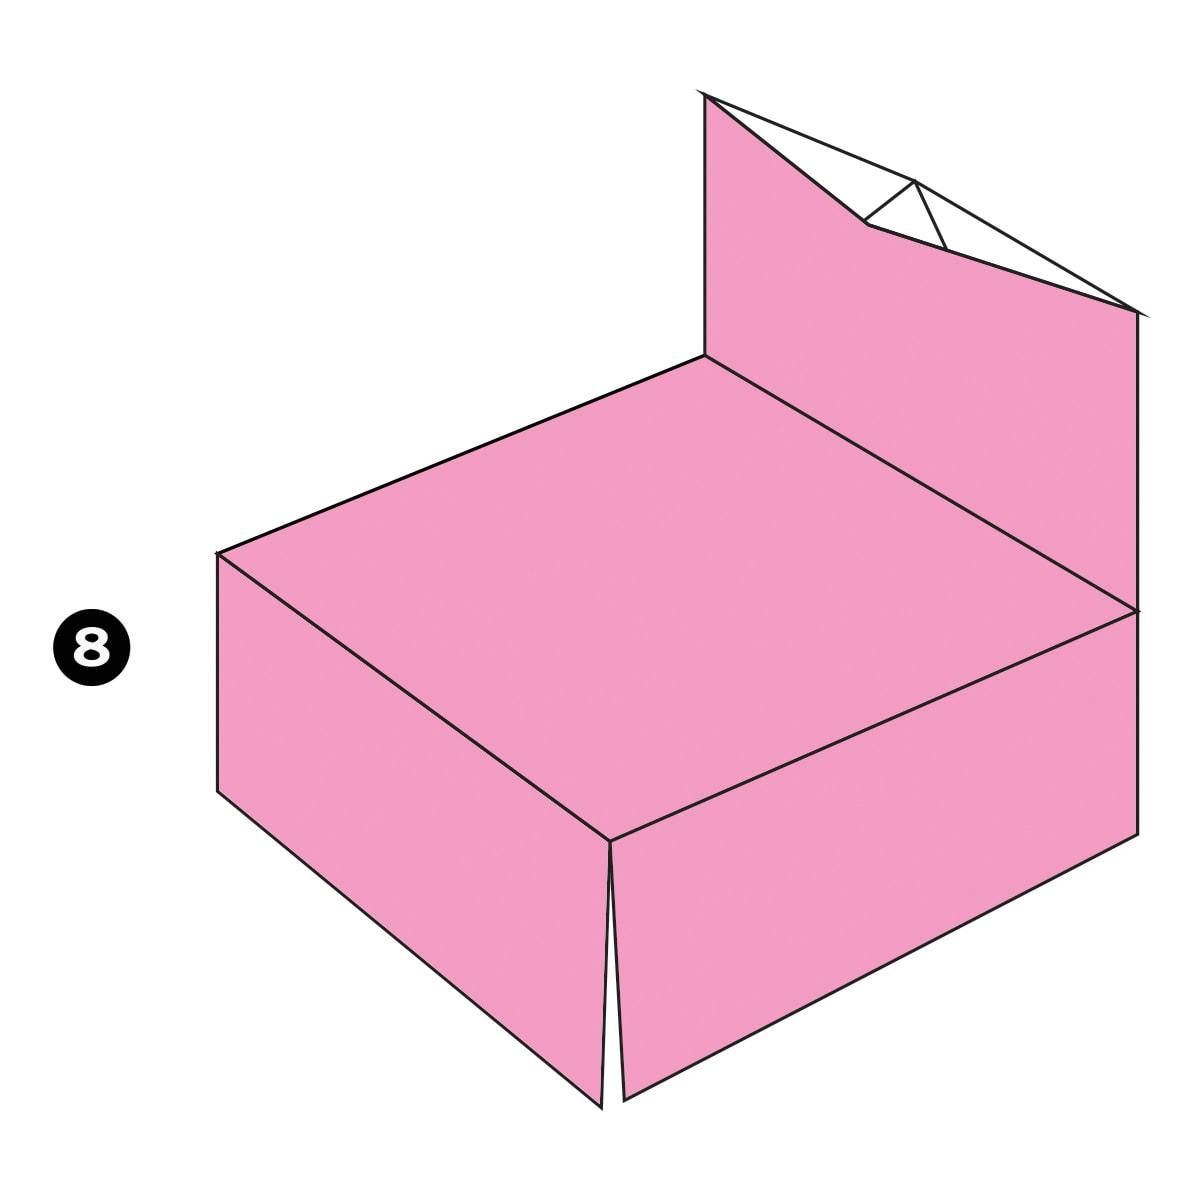 Chair Step 8